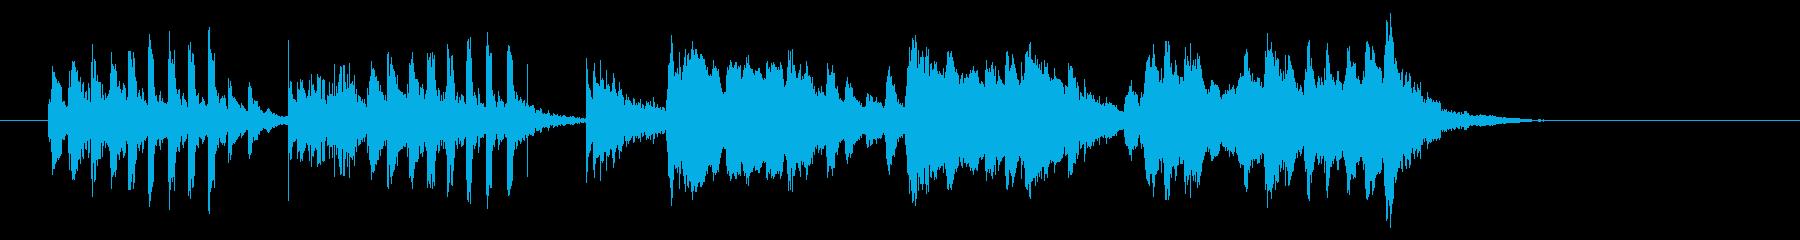 女性らしい可愛いミュージックの再生済みの波形